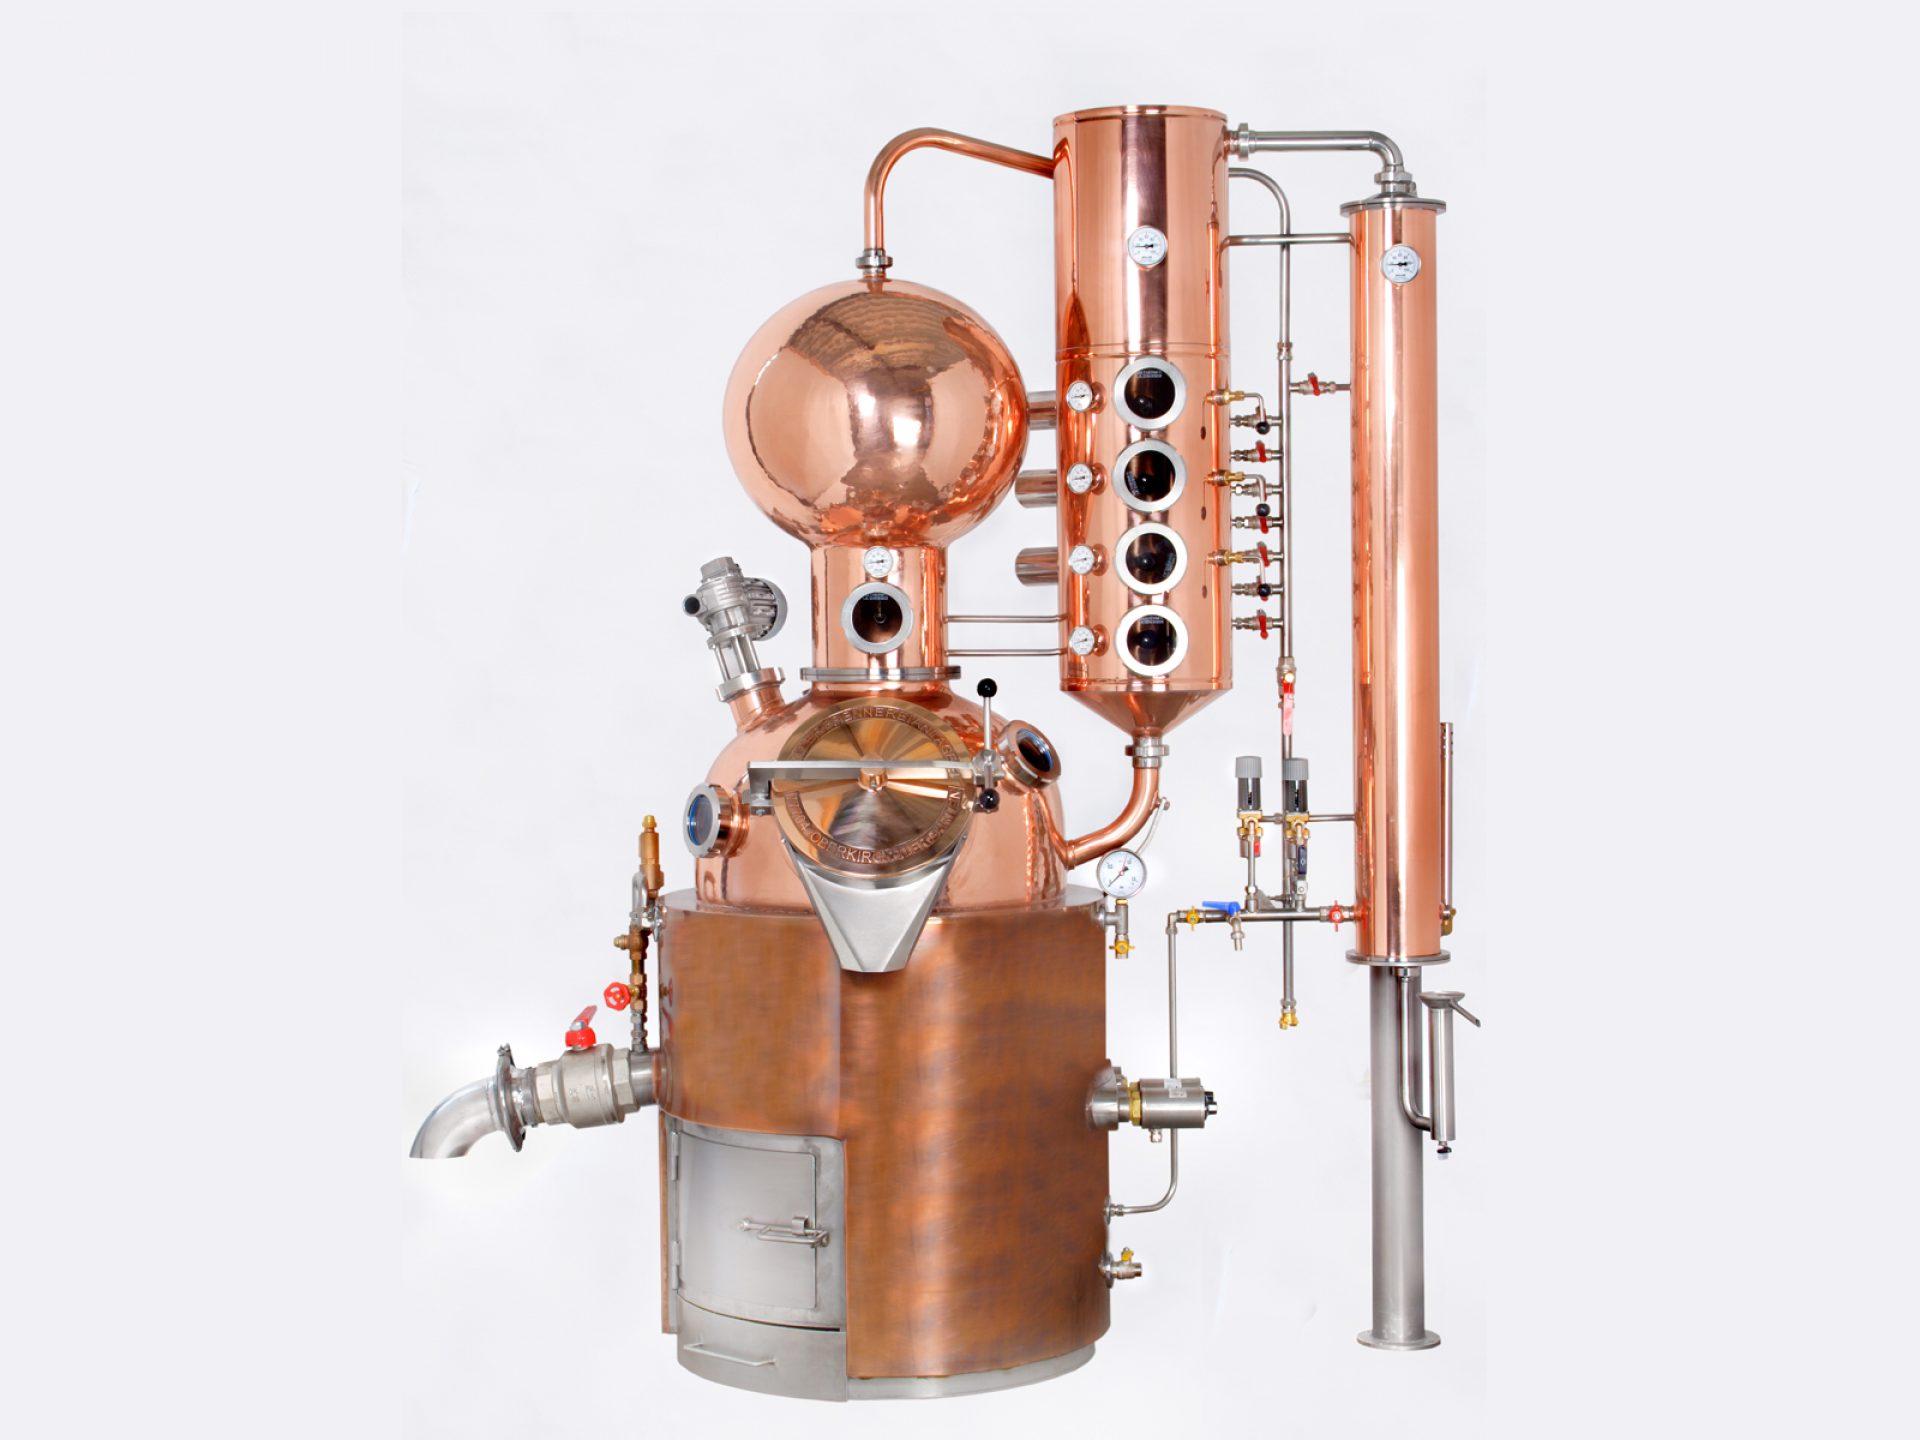 mueller-aroma-brennereianlagen-slider-1920-1200-5